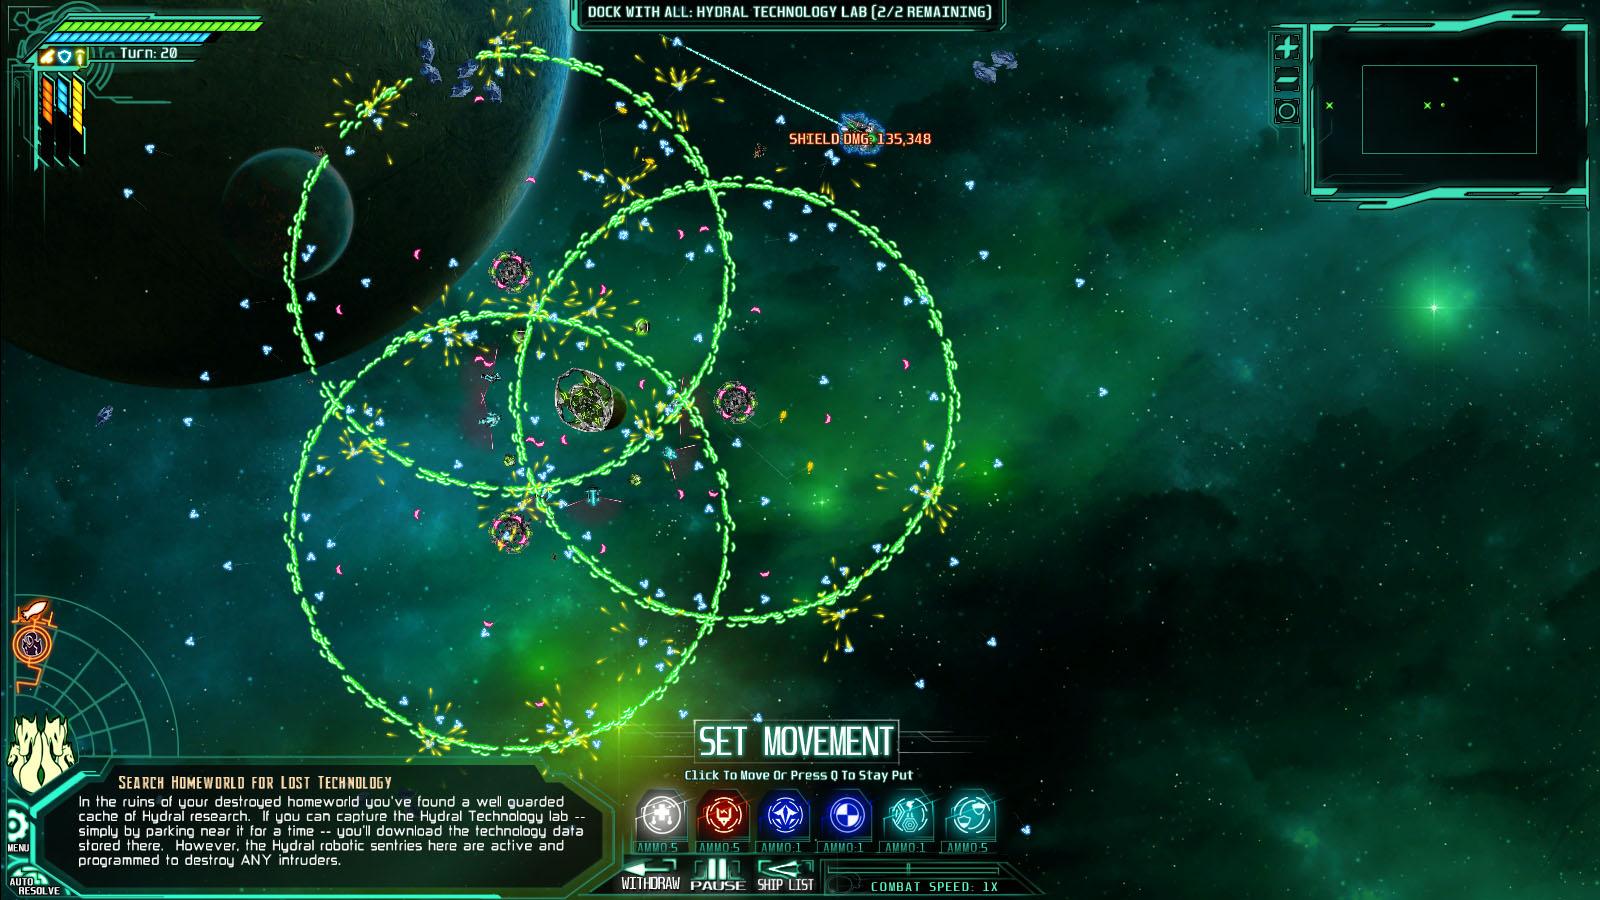 com.steam.414310-screenshot